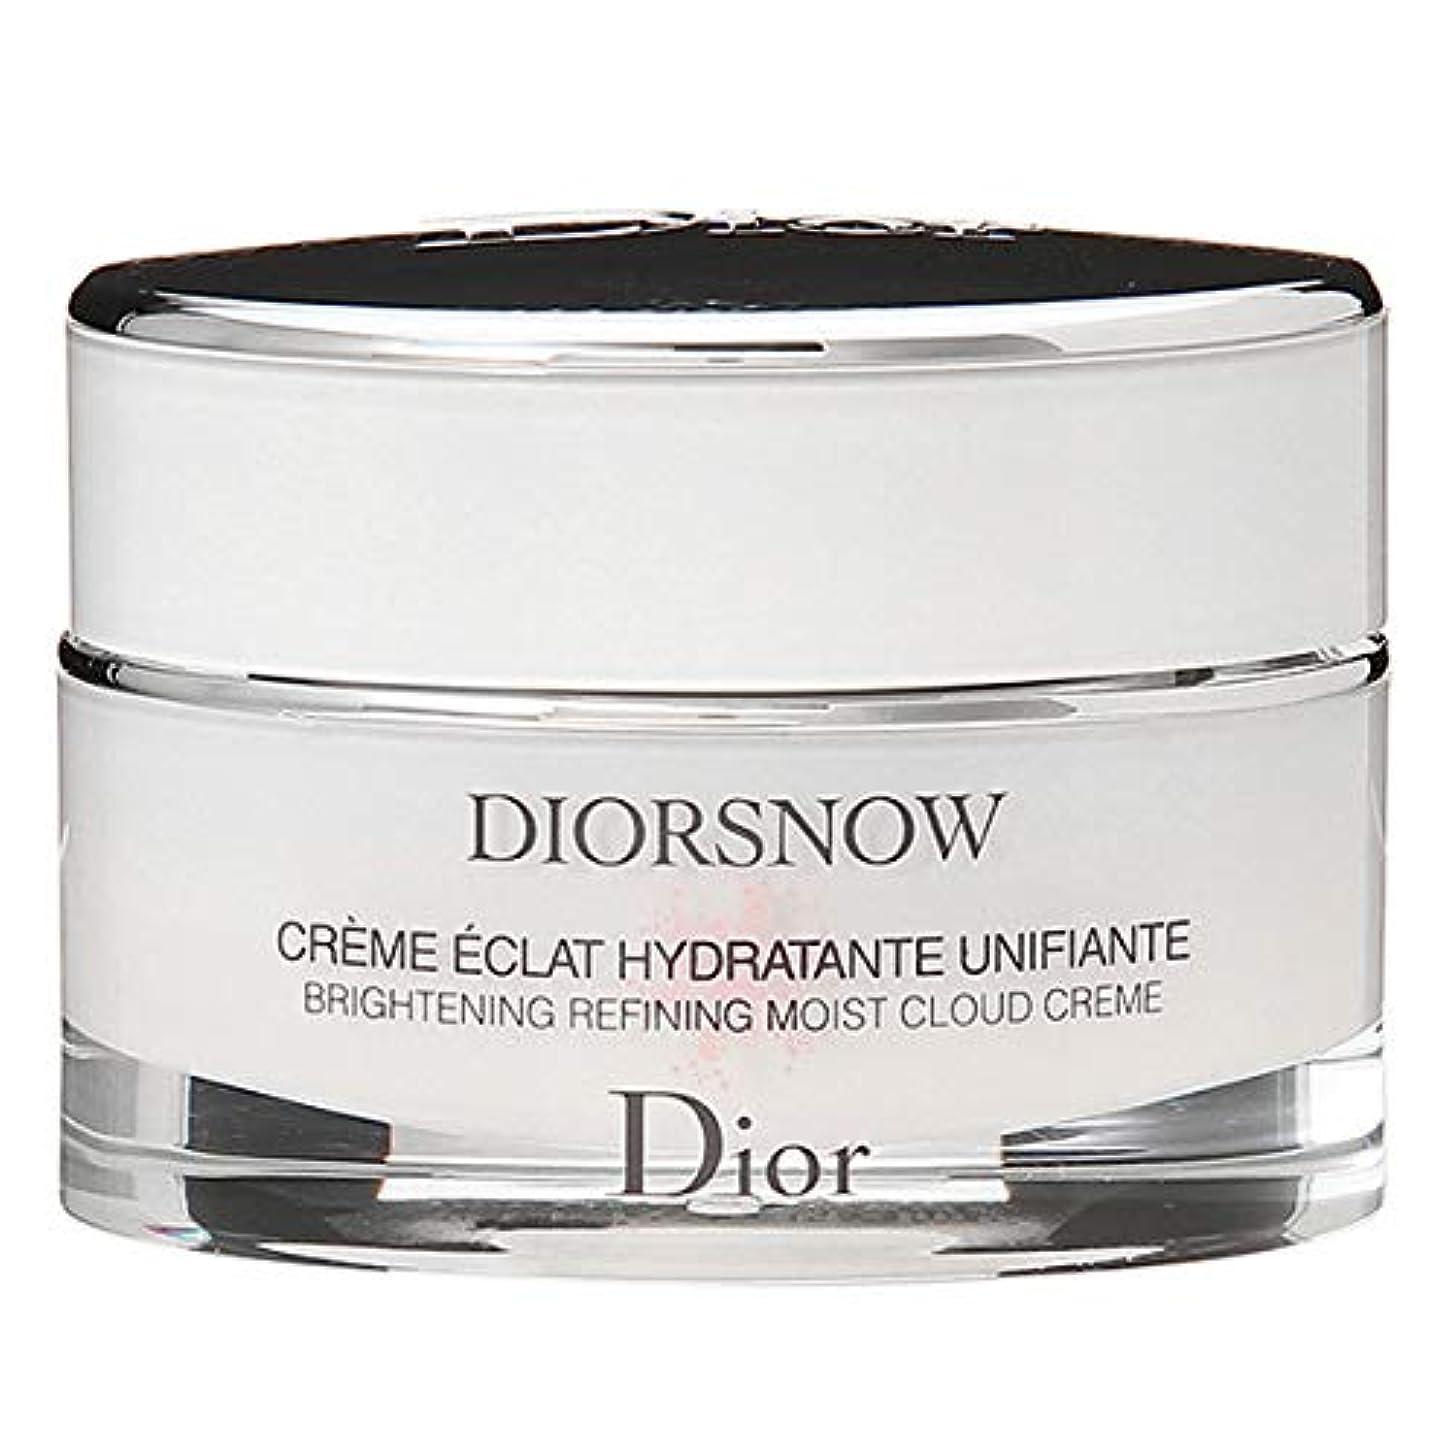 呼び起こす居住者アブストラクトクリスチャンディオール Christian Dior ディオール スノー ブライトニング モイスト クリーム 50mL [並行輸入品]